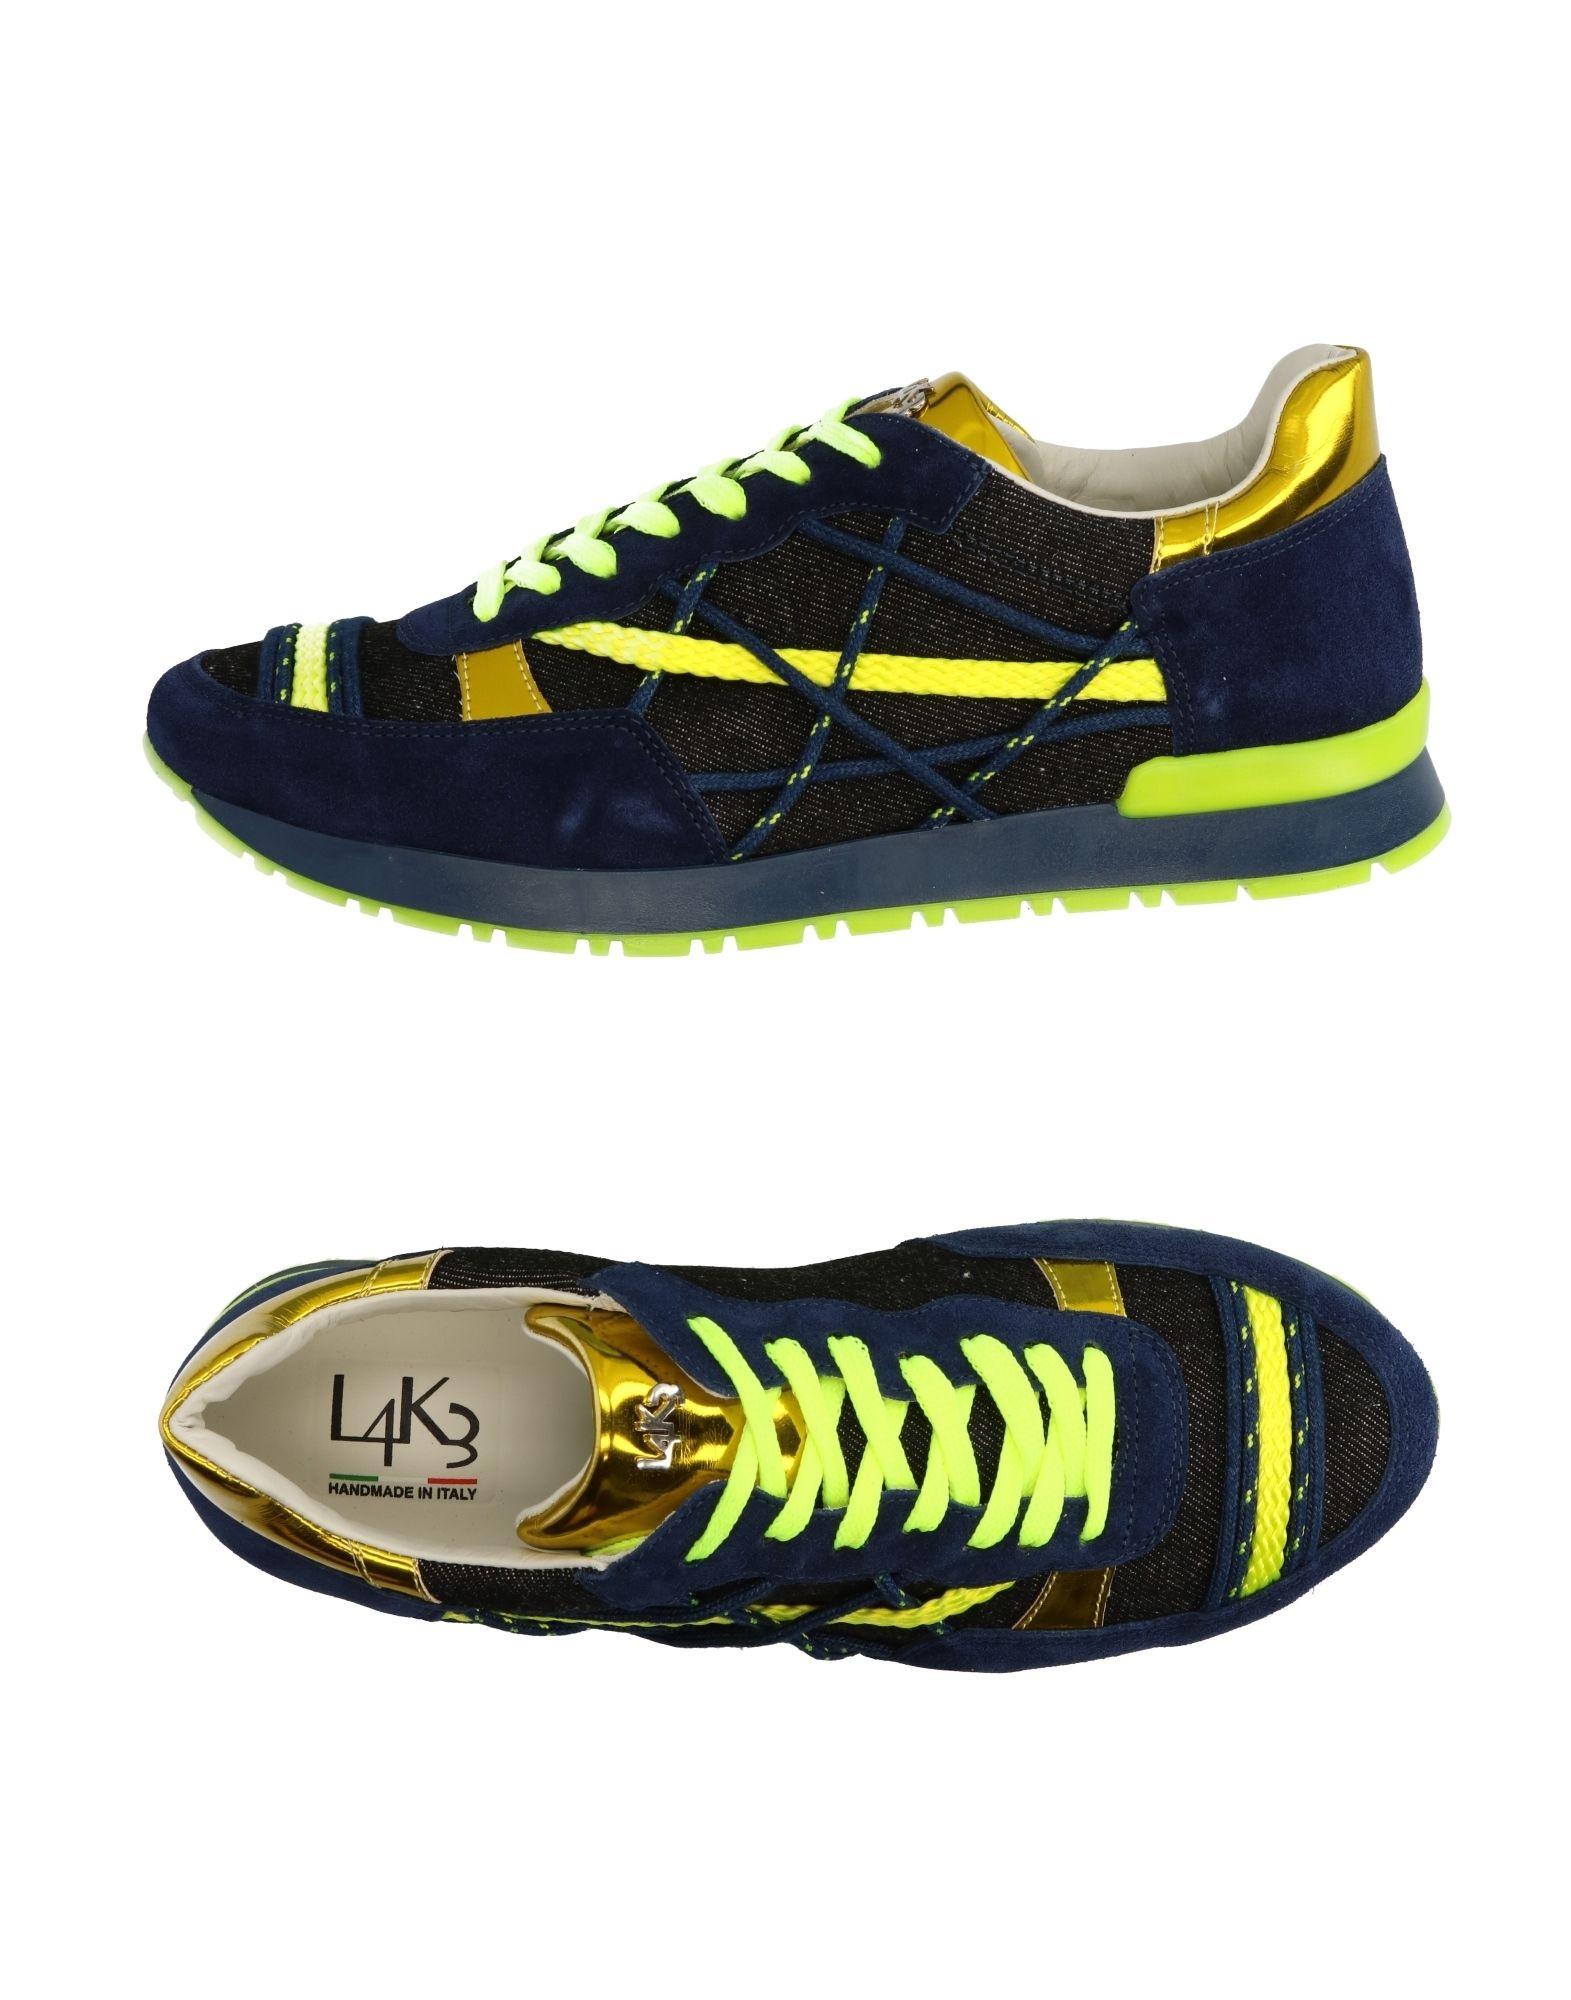 Sneakers L4k3 Homme - Sneakers L4k3  Bleu foncé Les chaussures les plus populaires pour les hommes et les femmes